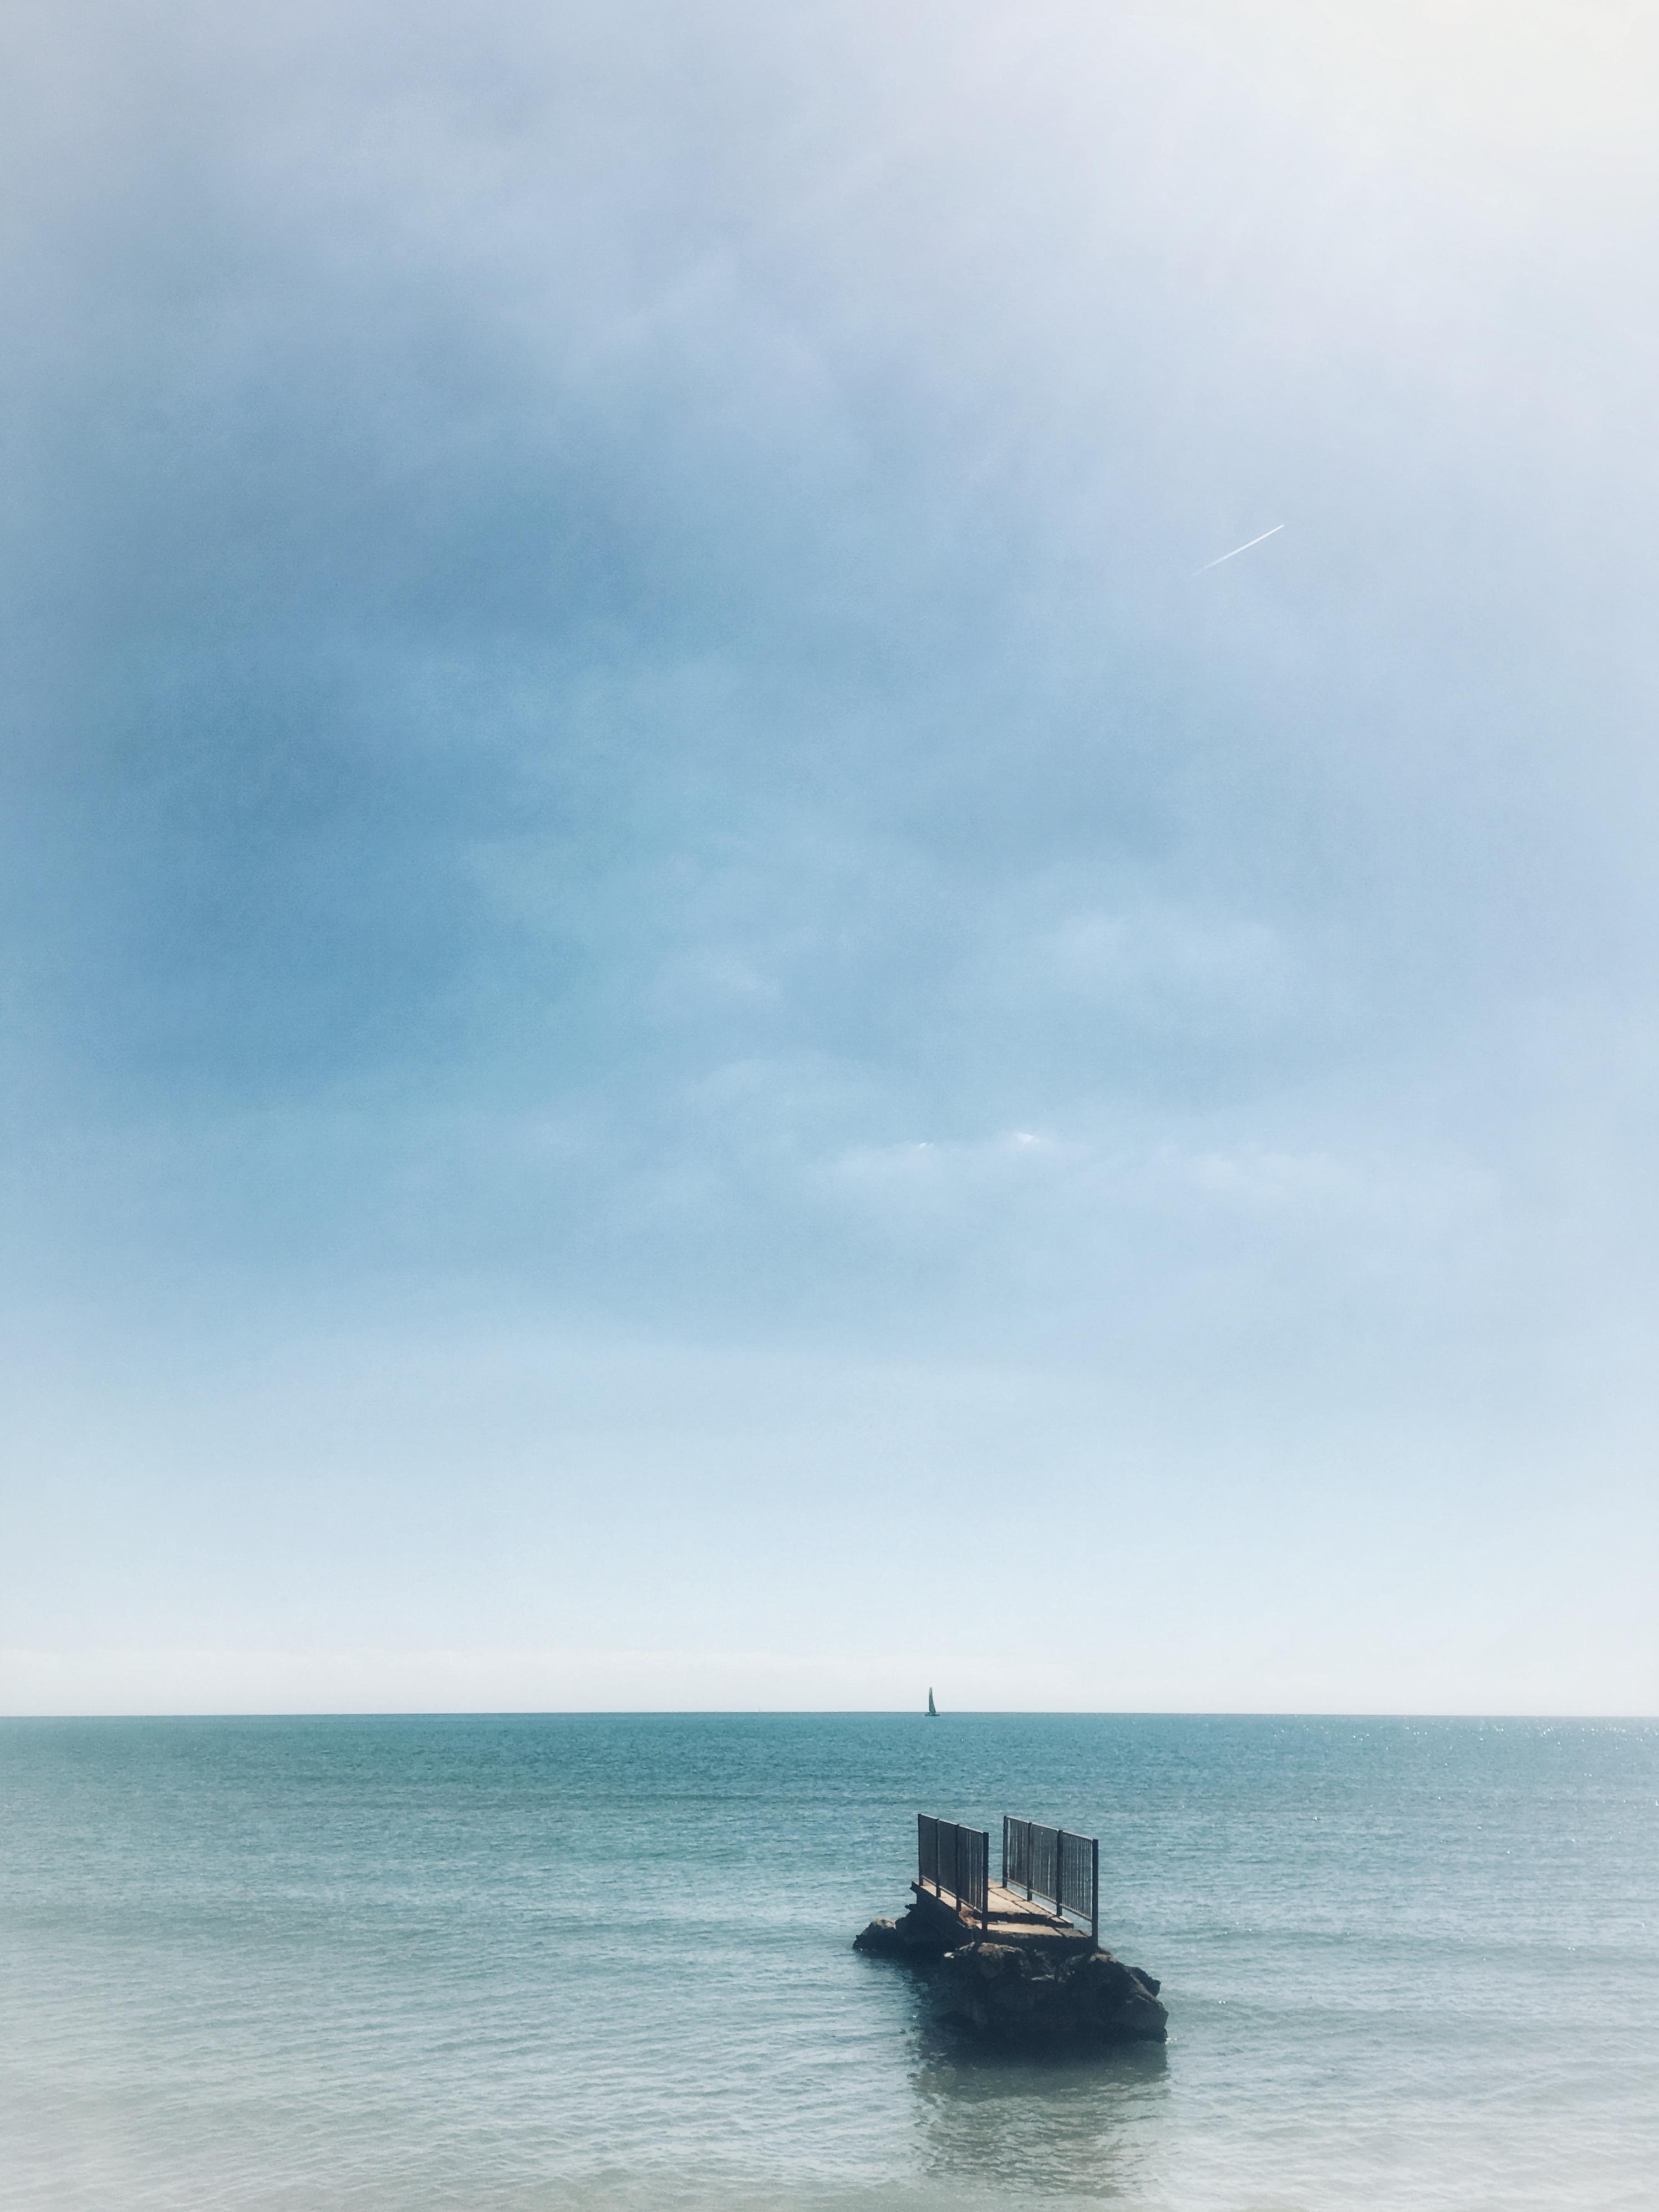 Exposition vente de photographies signées et numérotées à prix tout doux. Stop à la morosité nous voici en bord de mer sous un beau ciel bleu !